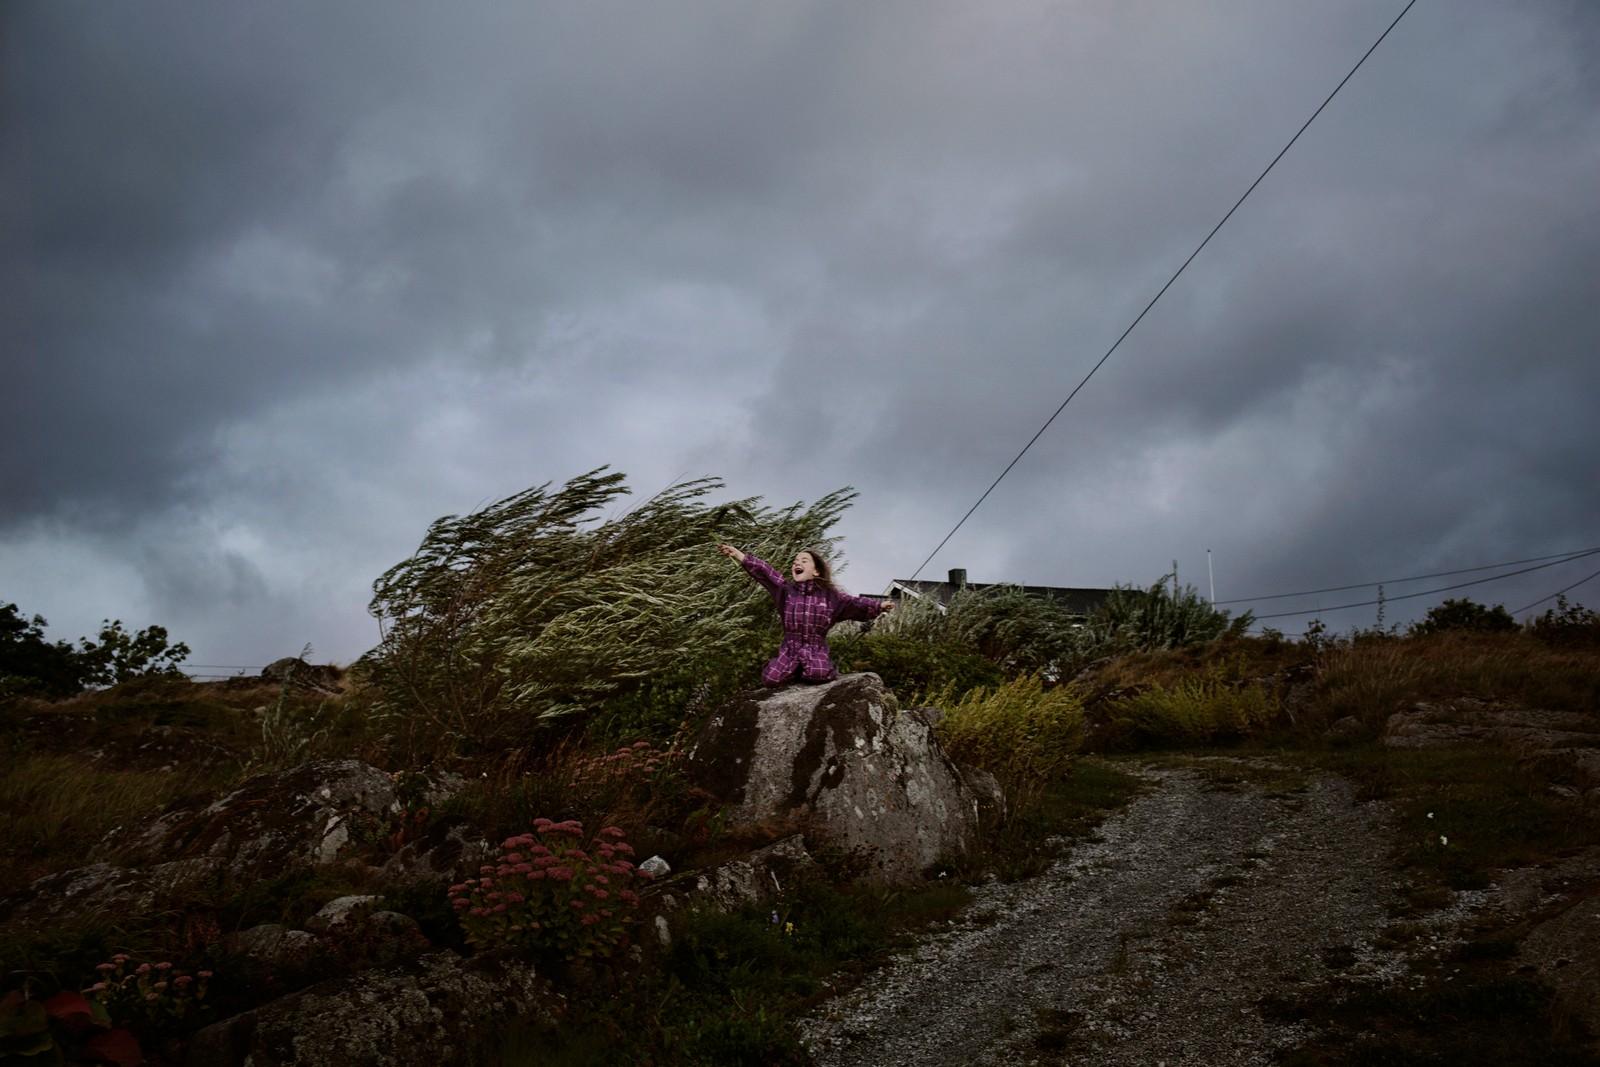 2. plass Dokumentar Norge: Therese Alice Sanne, frilans / VG.  Håp i havet: I en prikk på kartet, langt til havs, ligger den forblåste lille øya Sørburøy. For 35 mennesker er dette et lite paradis. Det er hjem. Enn så lenge. For drøye 50 år siden bodde 400 mennesker i øyrekken Froan i Sør-Trøndelag. Etter den dramatiske fraflyttingen, lever de gjenværende innbyggerne på Sørburøy i spenning på om de unge utflytterne vil komme tilbake og om øysamfunnet vil overleve. Anna Karina Liutkute (6) er ute og leker i full storm. I september starter stormene og uværet som kommer og går gjennom hele høsten og vinteren.